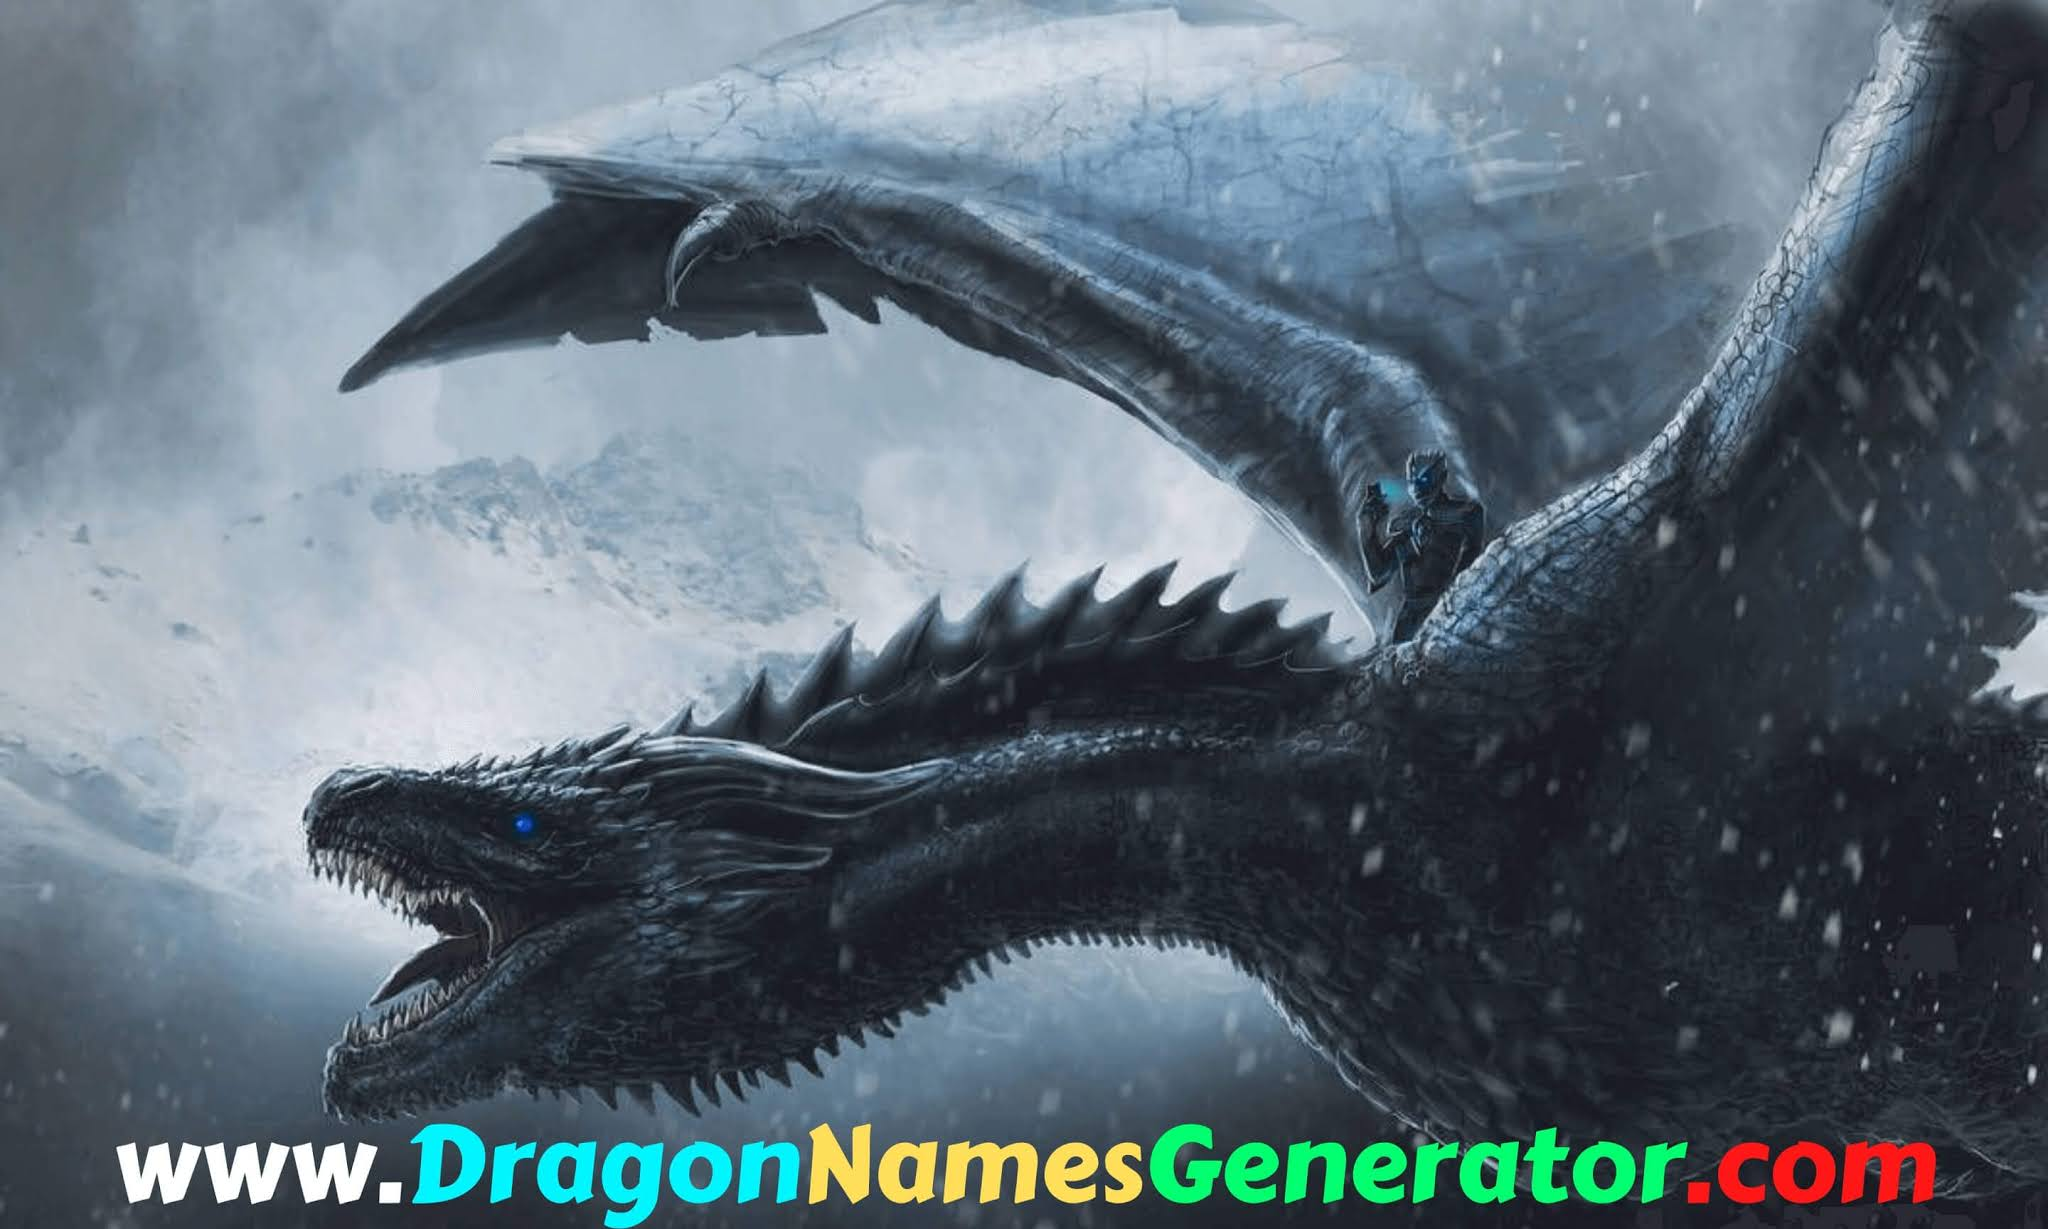 Dragon Names Generator